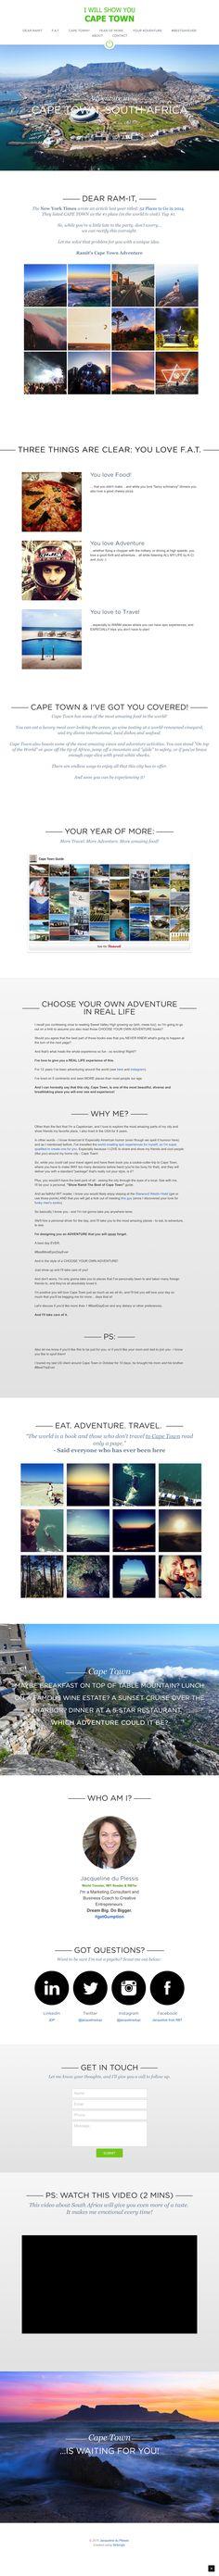 Ramit Sethi Resume Stunning 30 Best Resume Portfolios Images On Pinterest  Curriculum Resume .